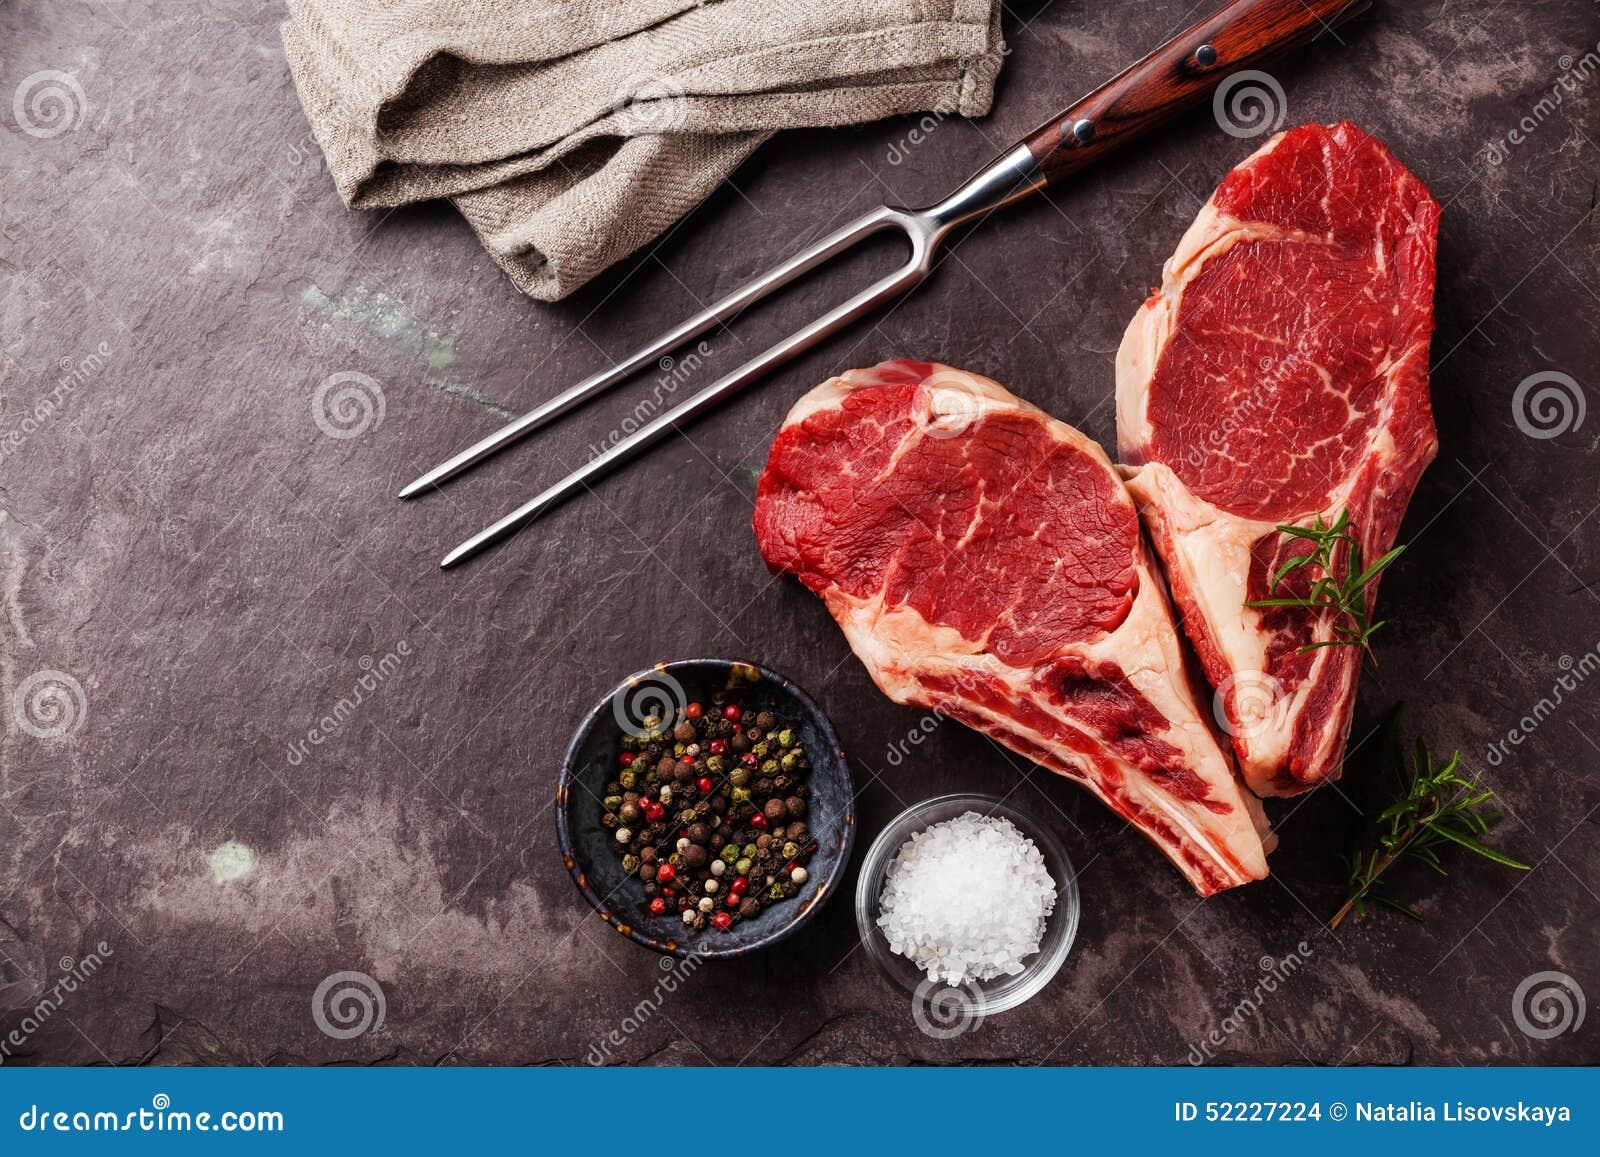 Стейк сырого мяса формы сердца